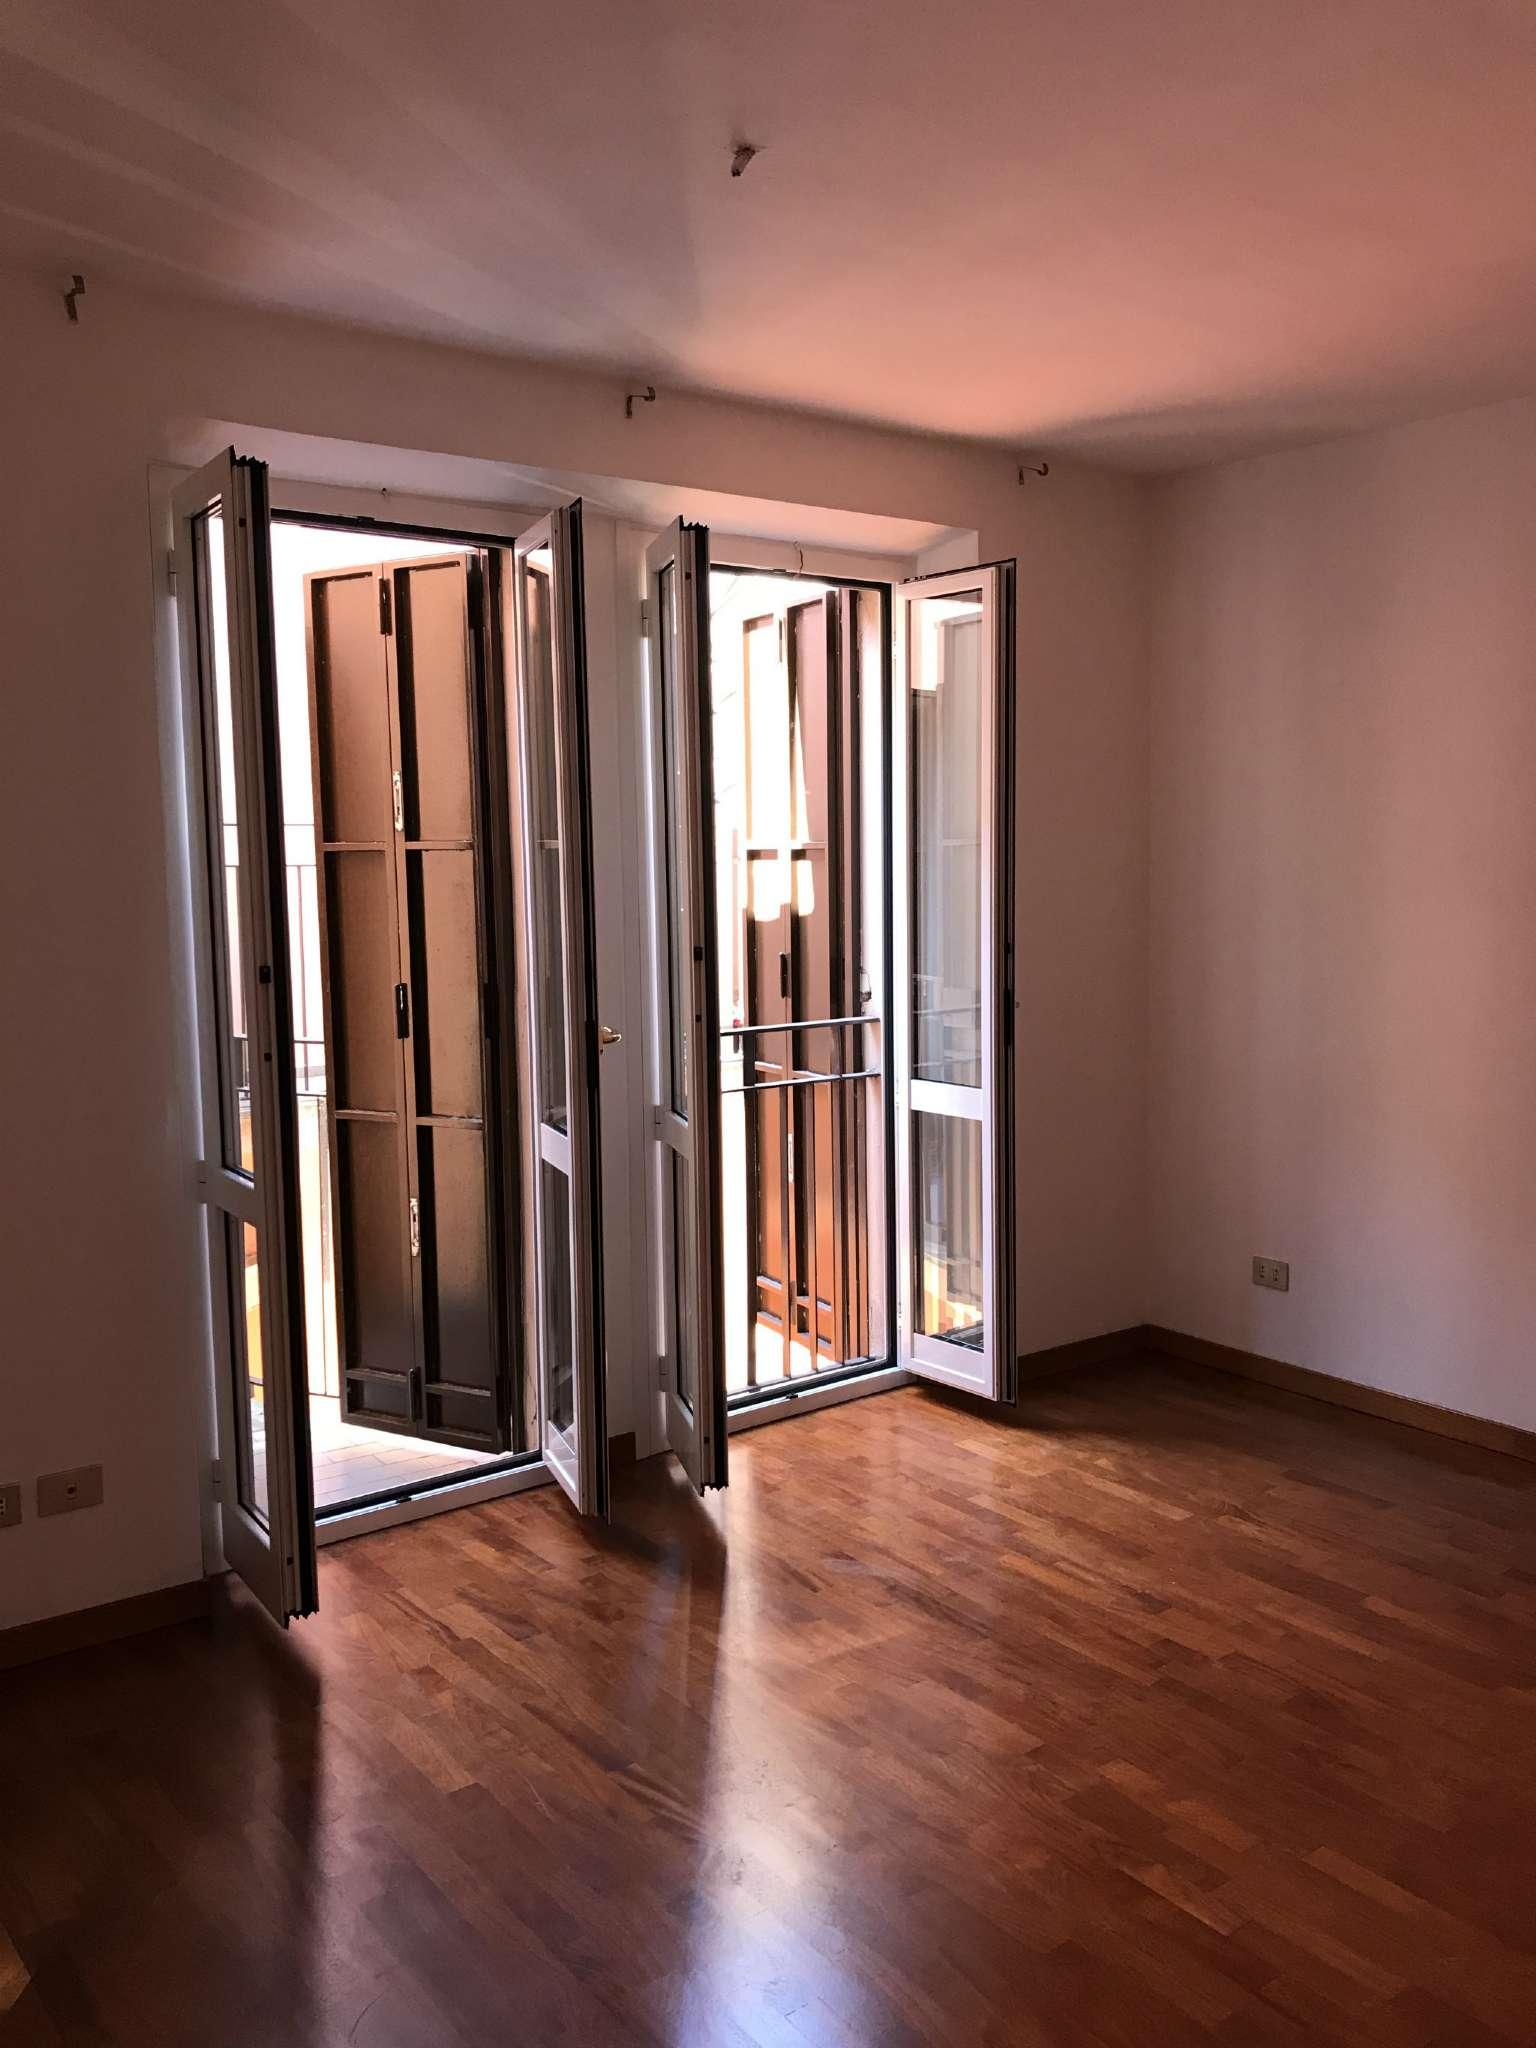 Appartamento in affitto a milano via della spiga for Planimetrie dell armadio